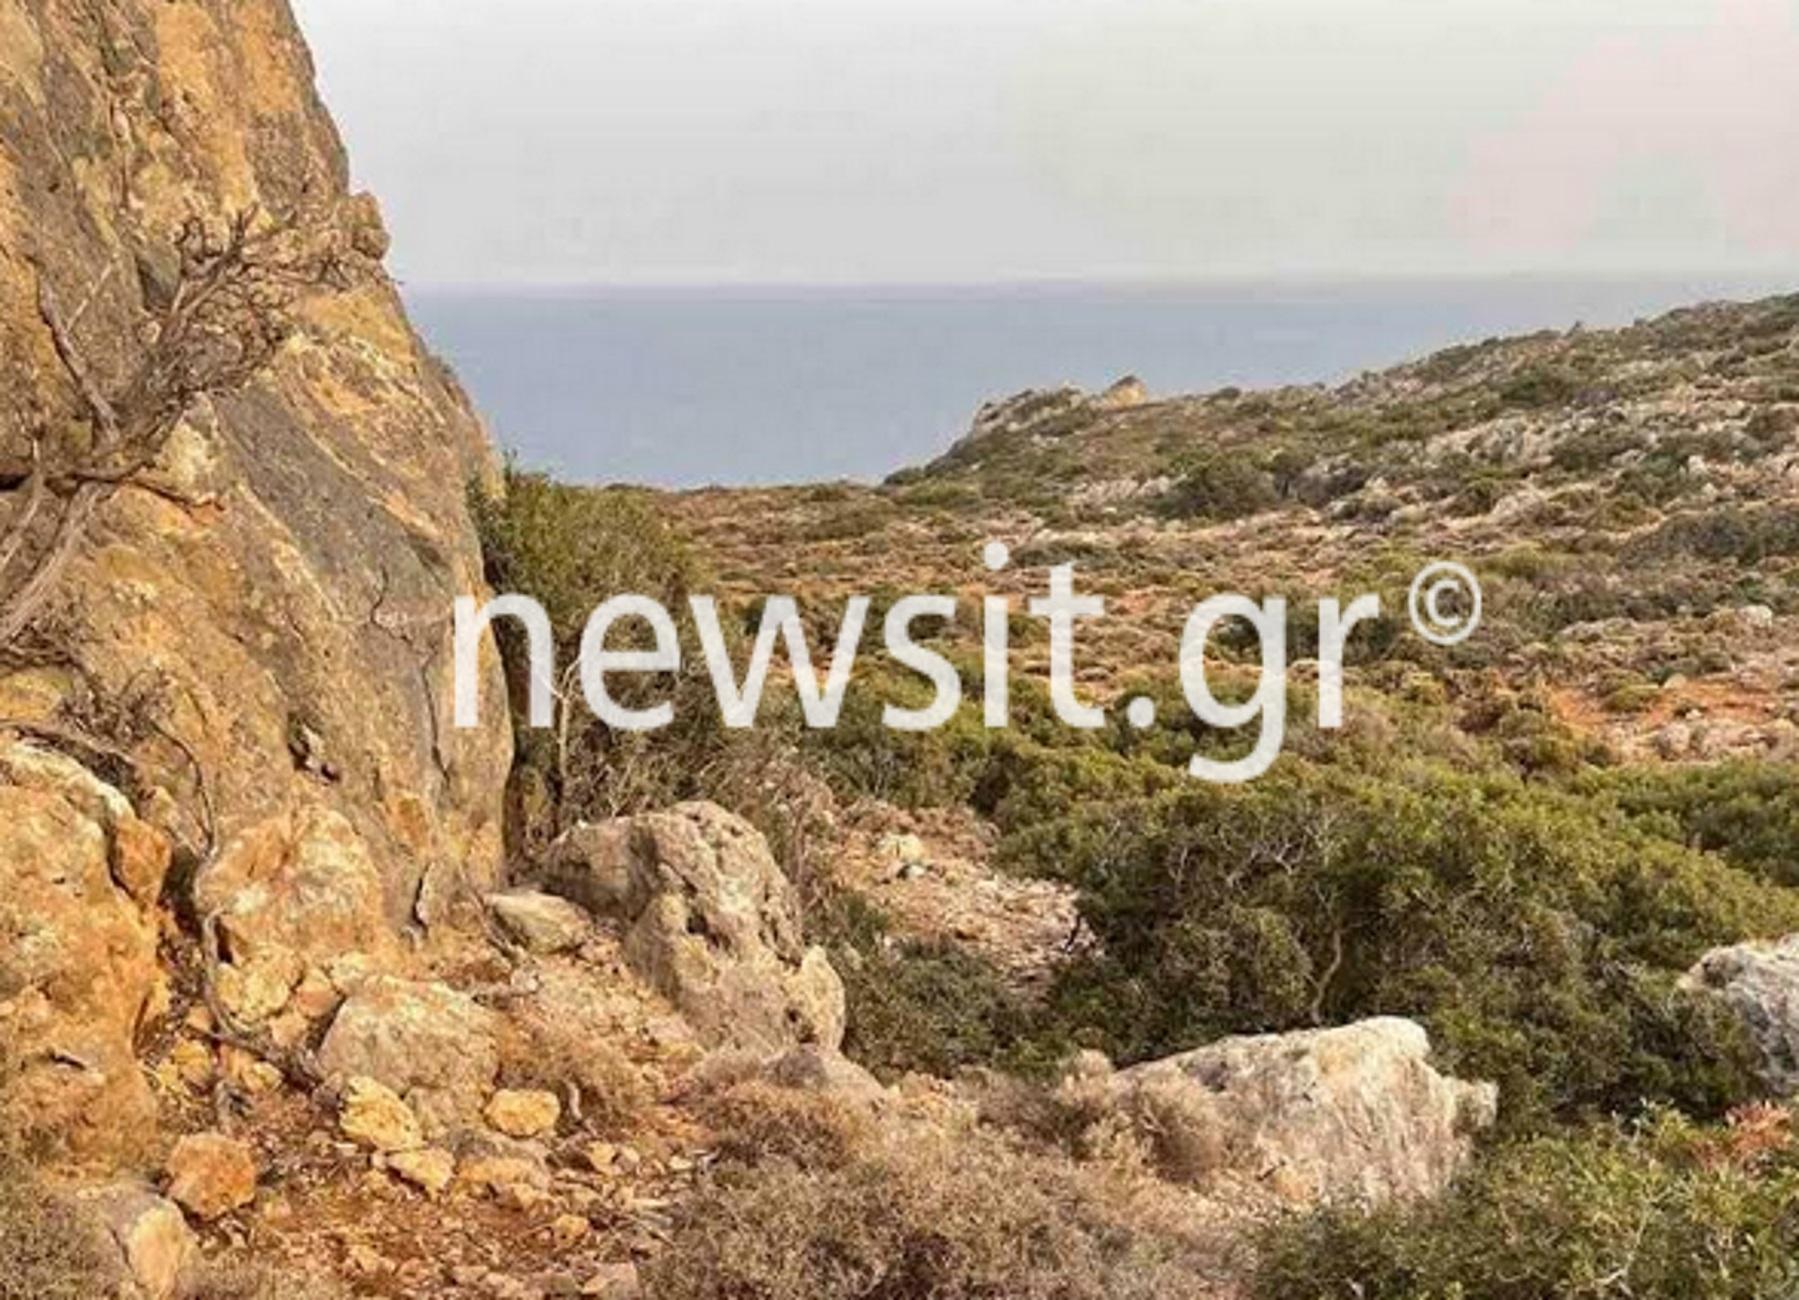 Κρήτη: Αυτοψία στο σημείο που βρέθηκε νεκρή η Γαλλίδα τουρίστρια – Θρίλερ με ένα μεγάλο αίνιγμα